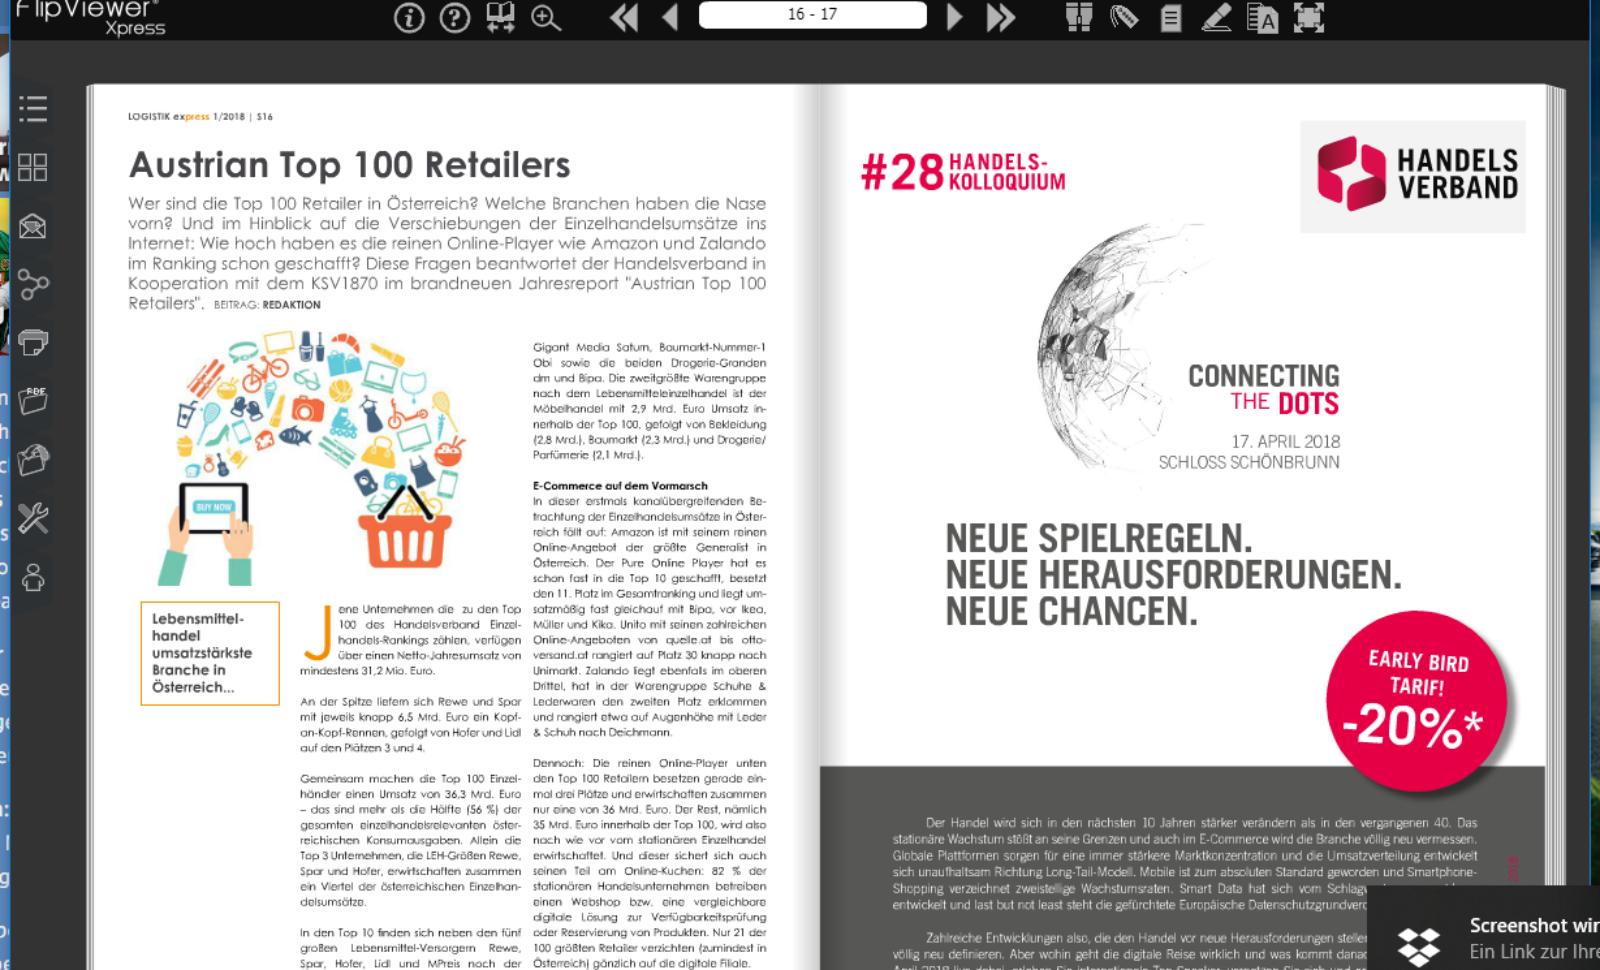 Austrian Top 100 Retailers